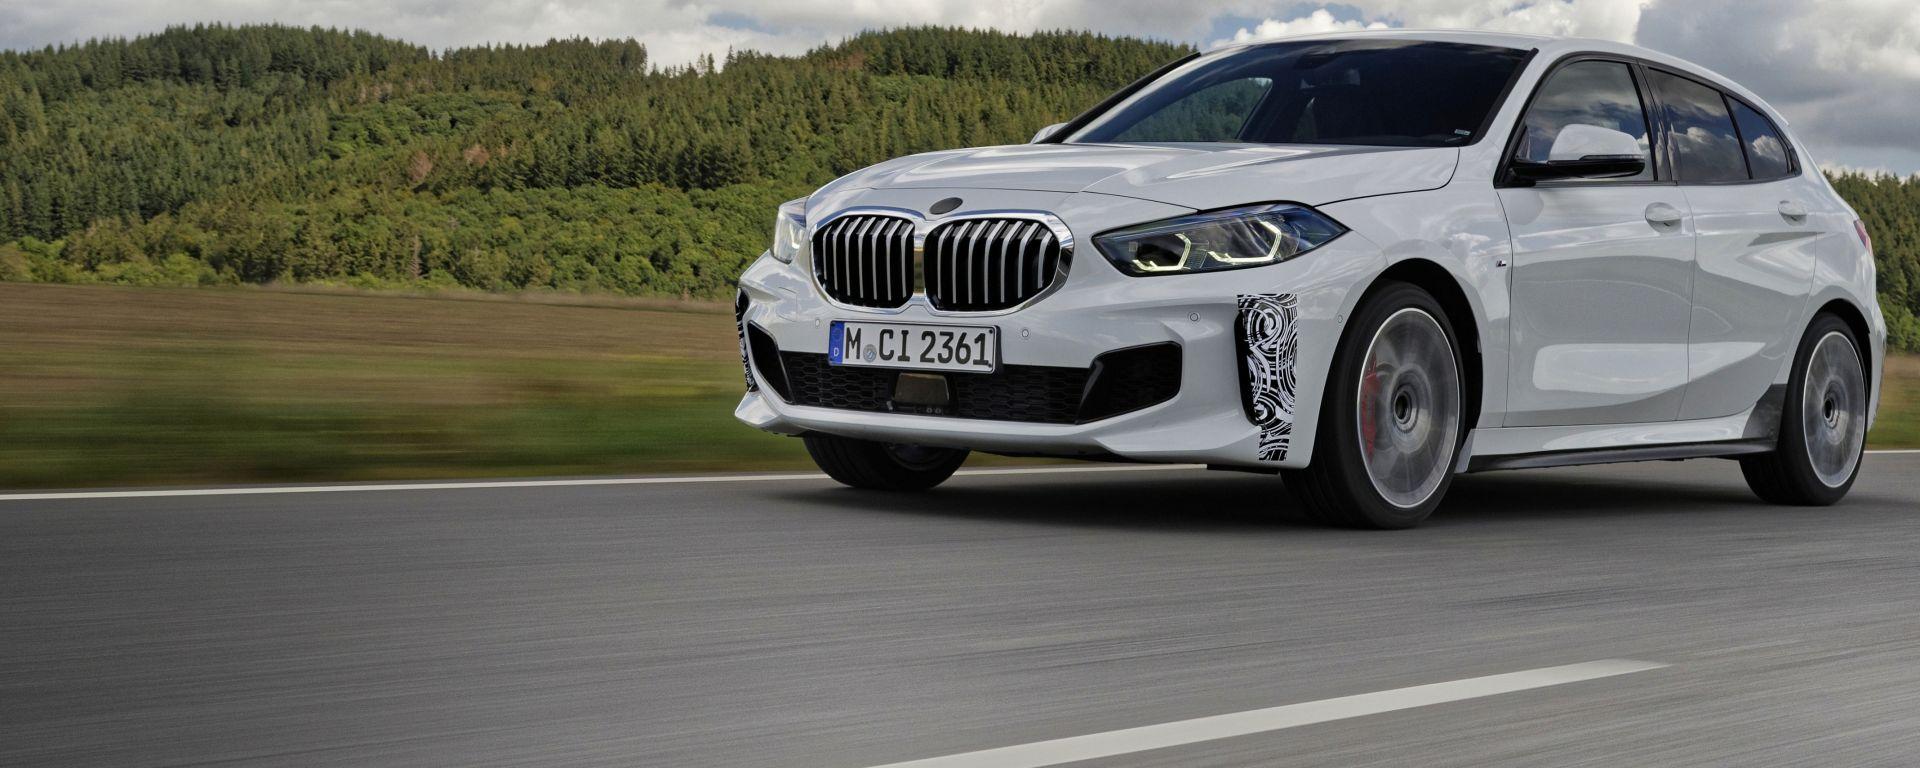 Nuova BMW 128ti, a muso duro contro Golf GTI. Da novembre